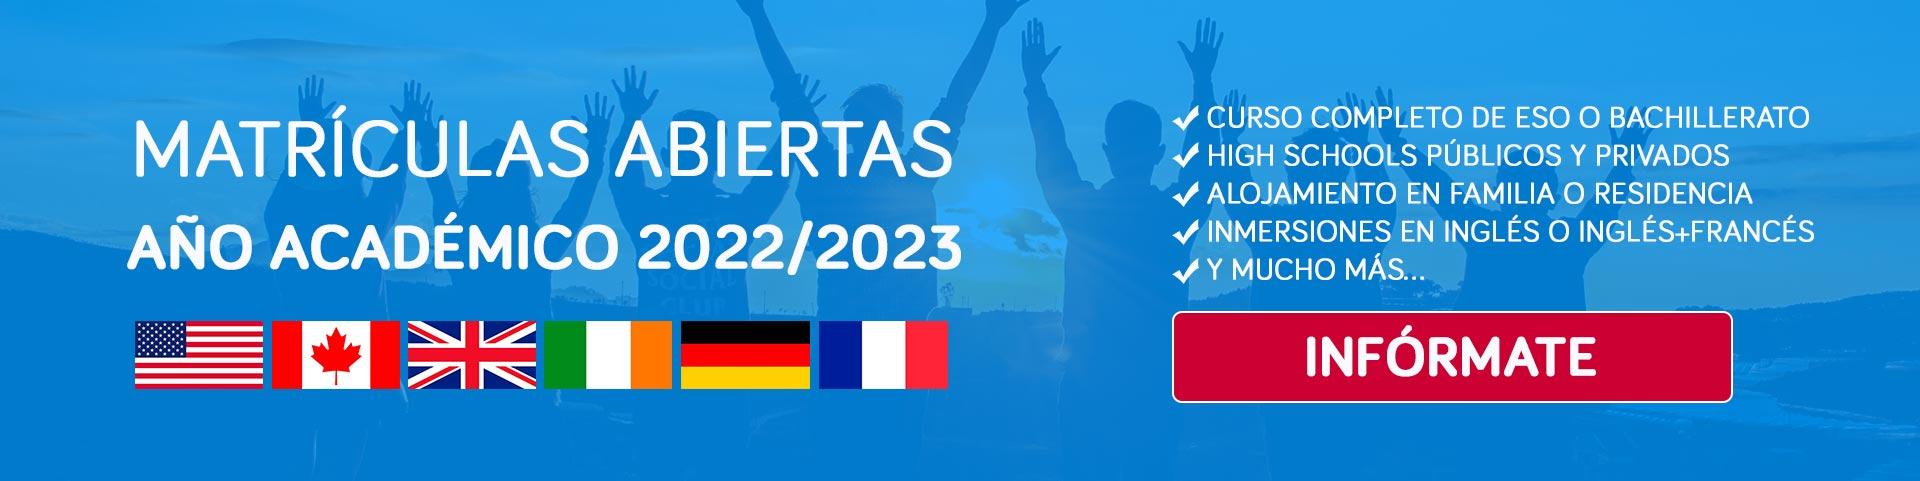 Matrículas abiertas curso 22/23 de Bachillerato y ESO en USA, Canadá y Europa